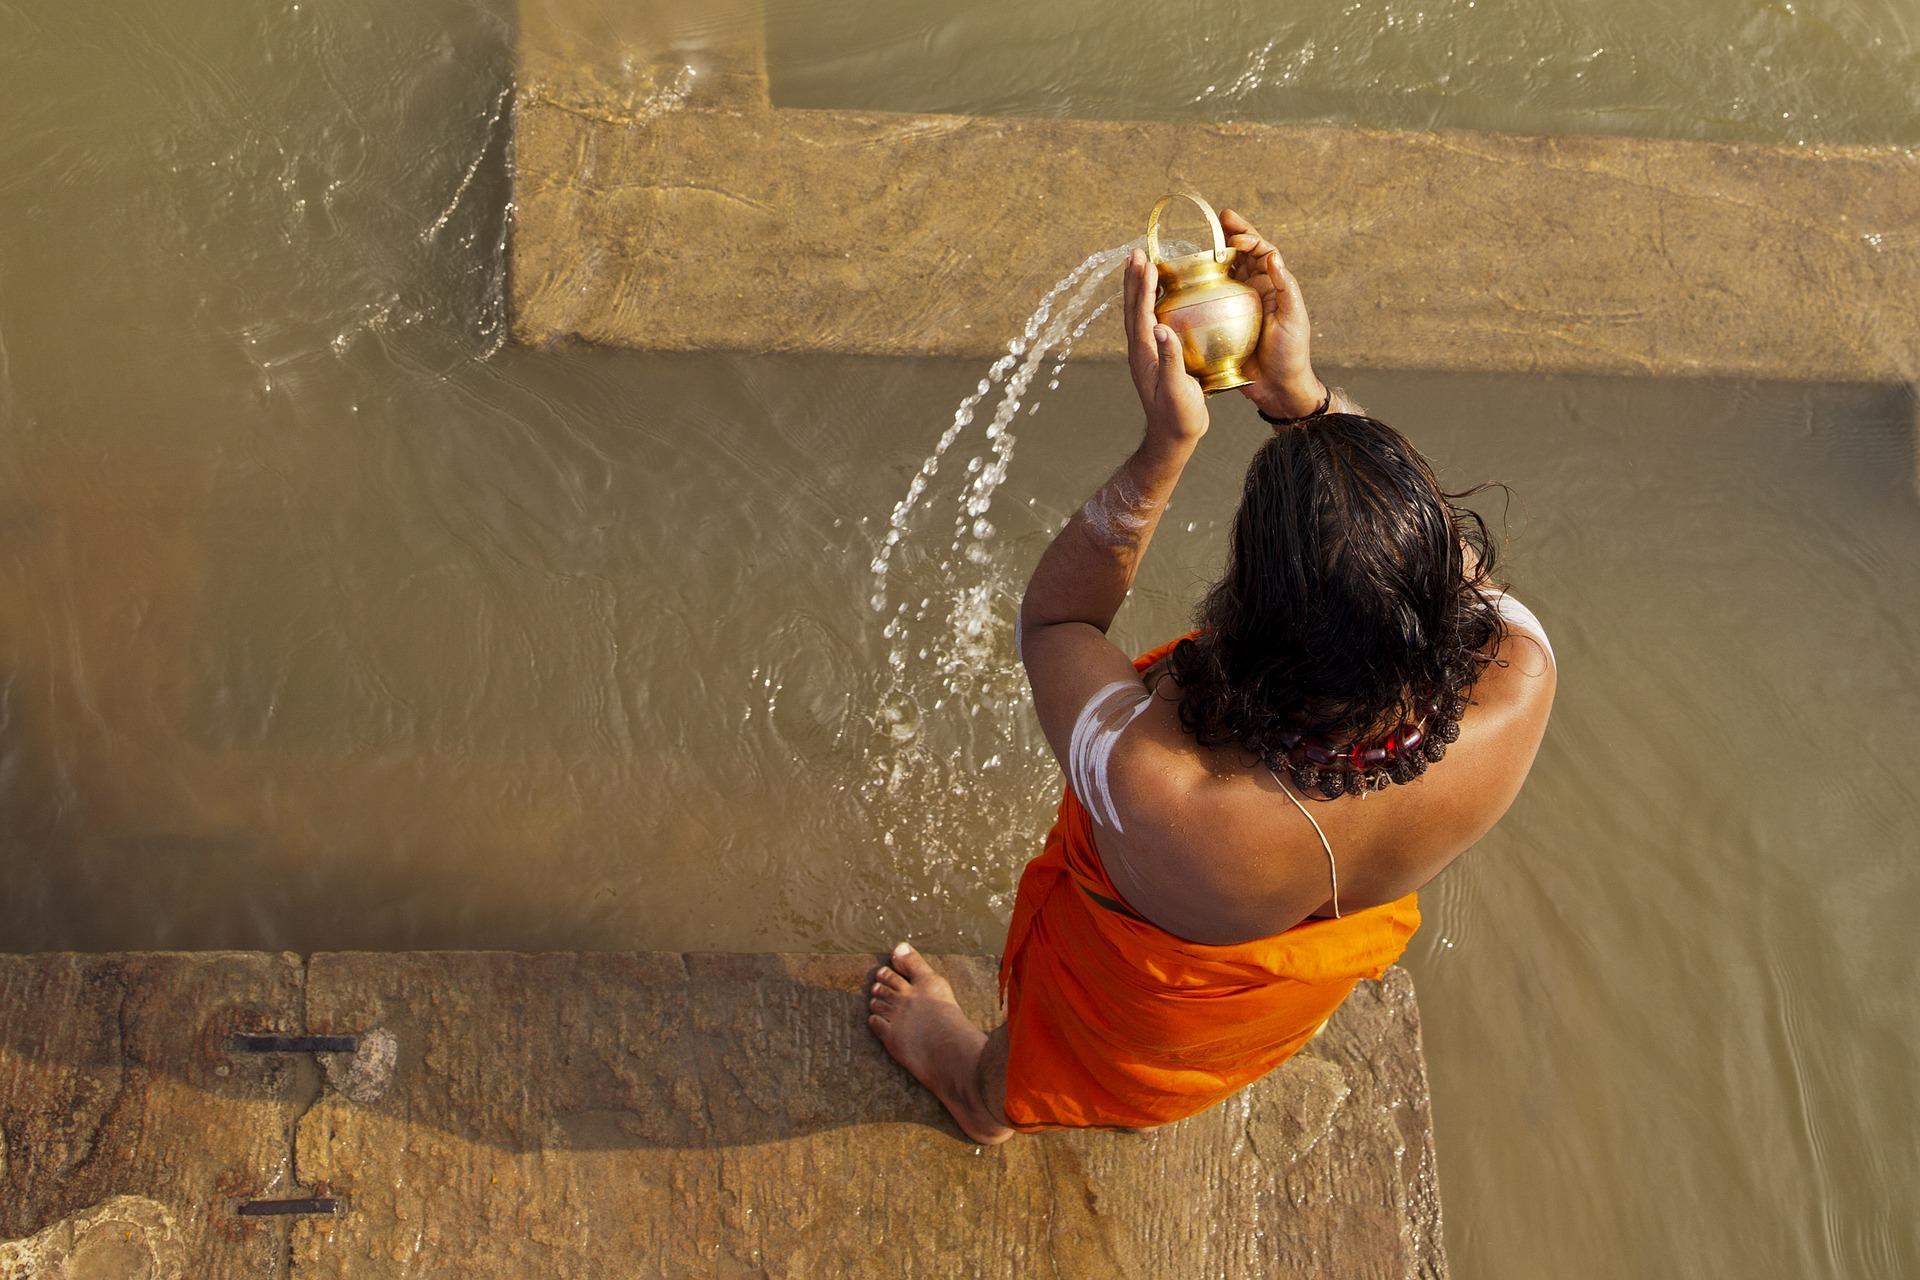 인도의 힌두교도에게 갠지스강은 신성한 강이다. 그 물에 몸을 씻을 때 나의 죄가 씻긴다고 믿는다.